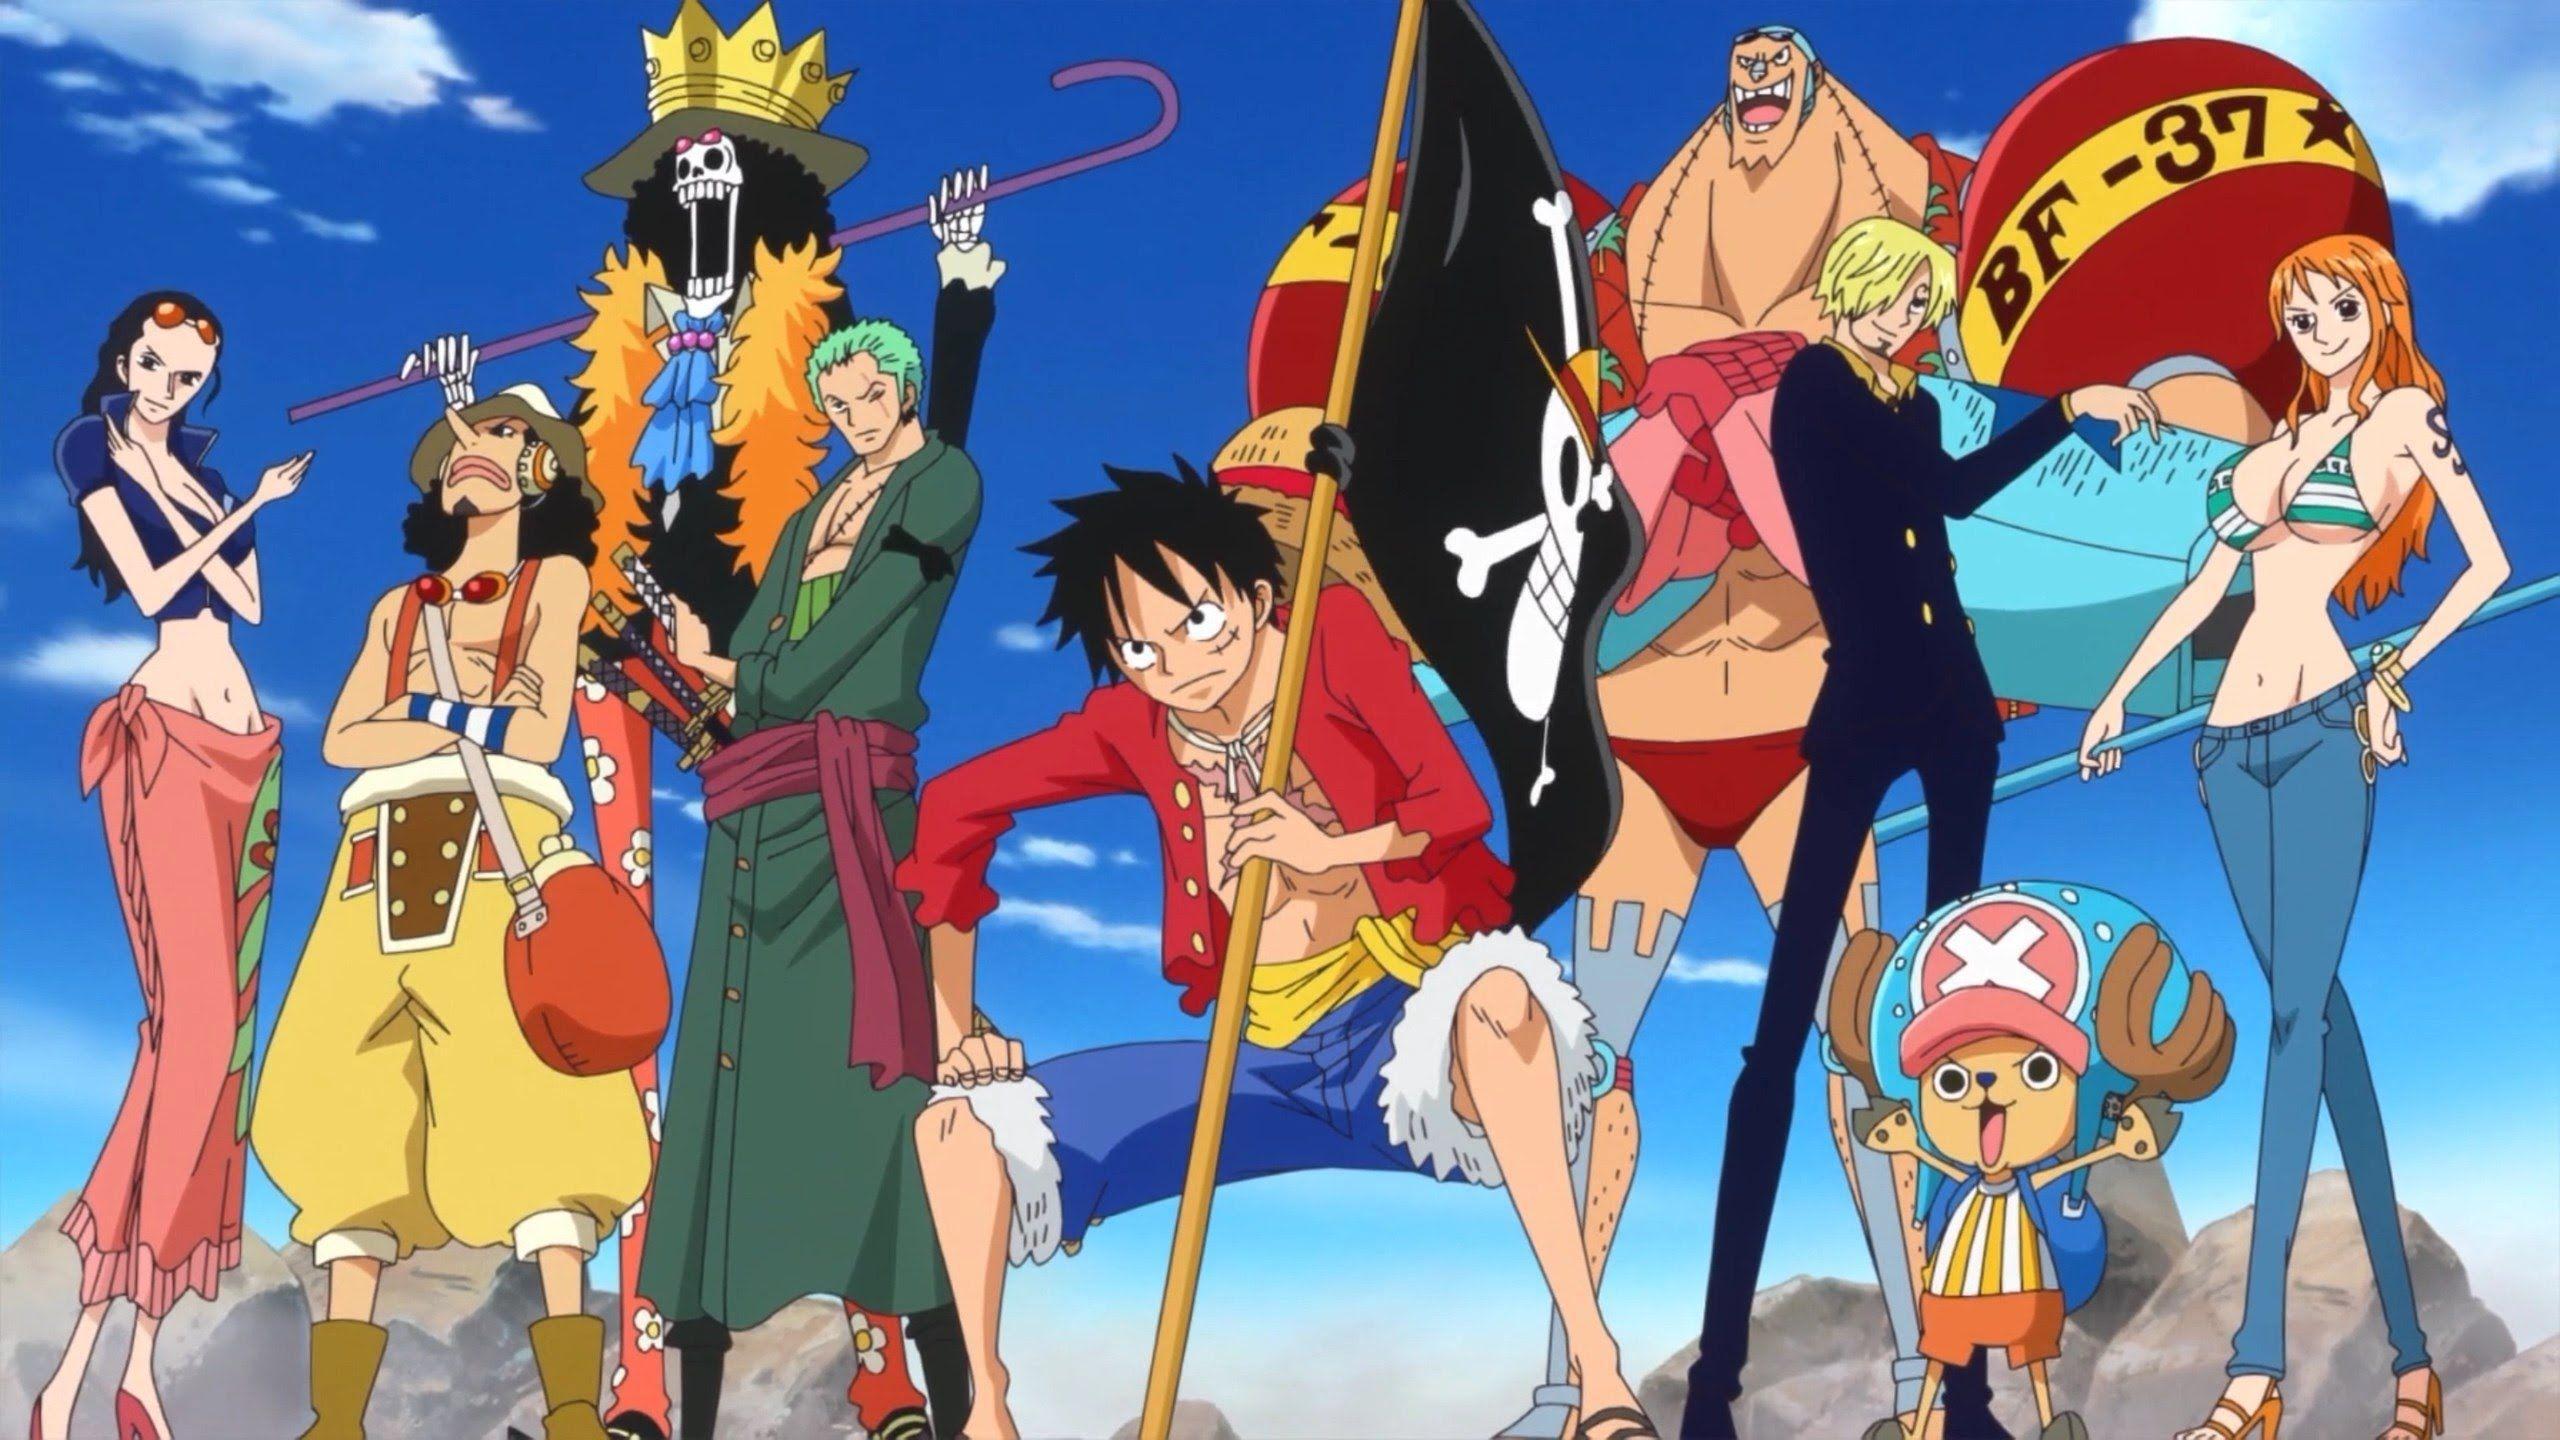 ¿Qué editorial tiene la licencia de One Piece?